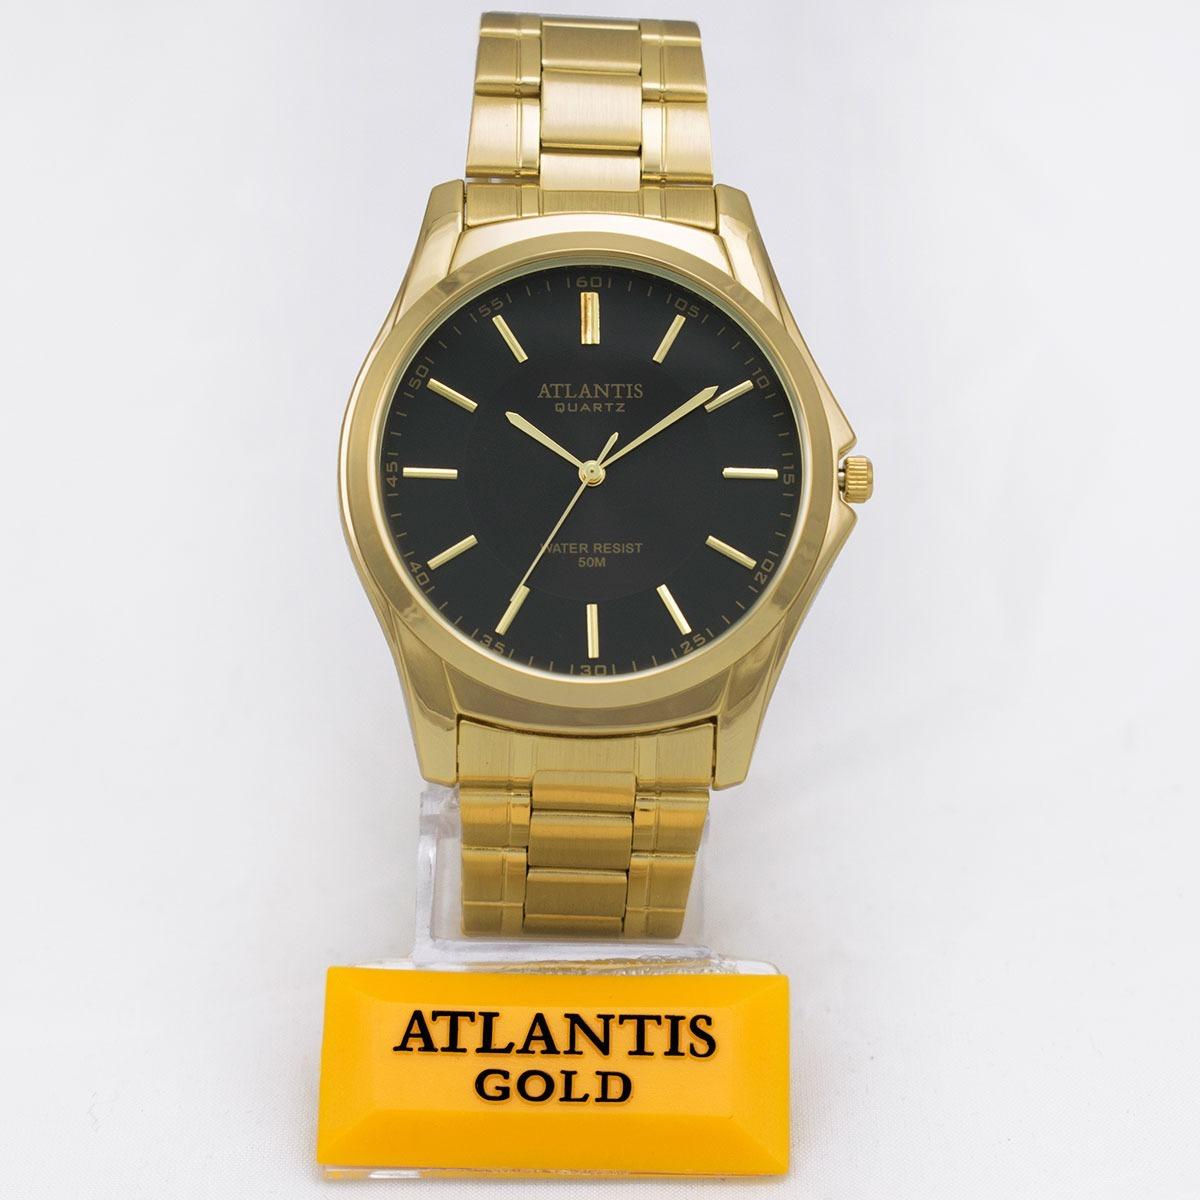 e3f5868628b Relógio Atlantis Marca Original Dourado Preto Aço Homem Soci - R  53 ...